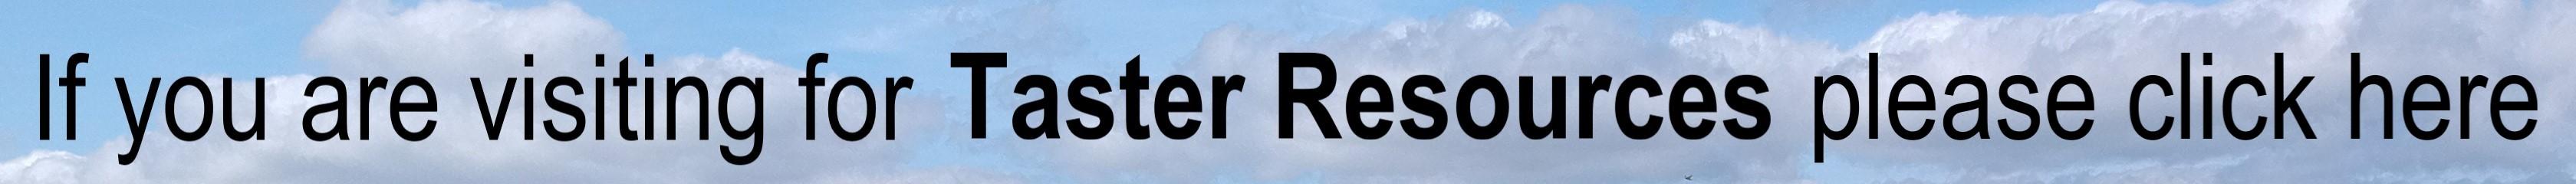 Banner link for Taster Resources